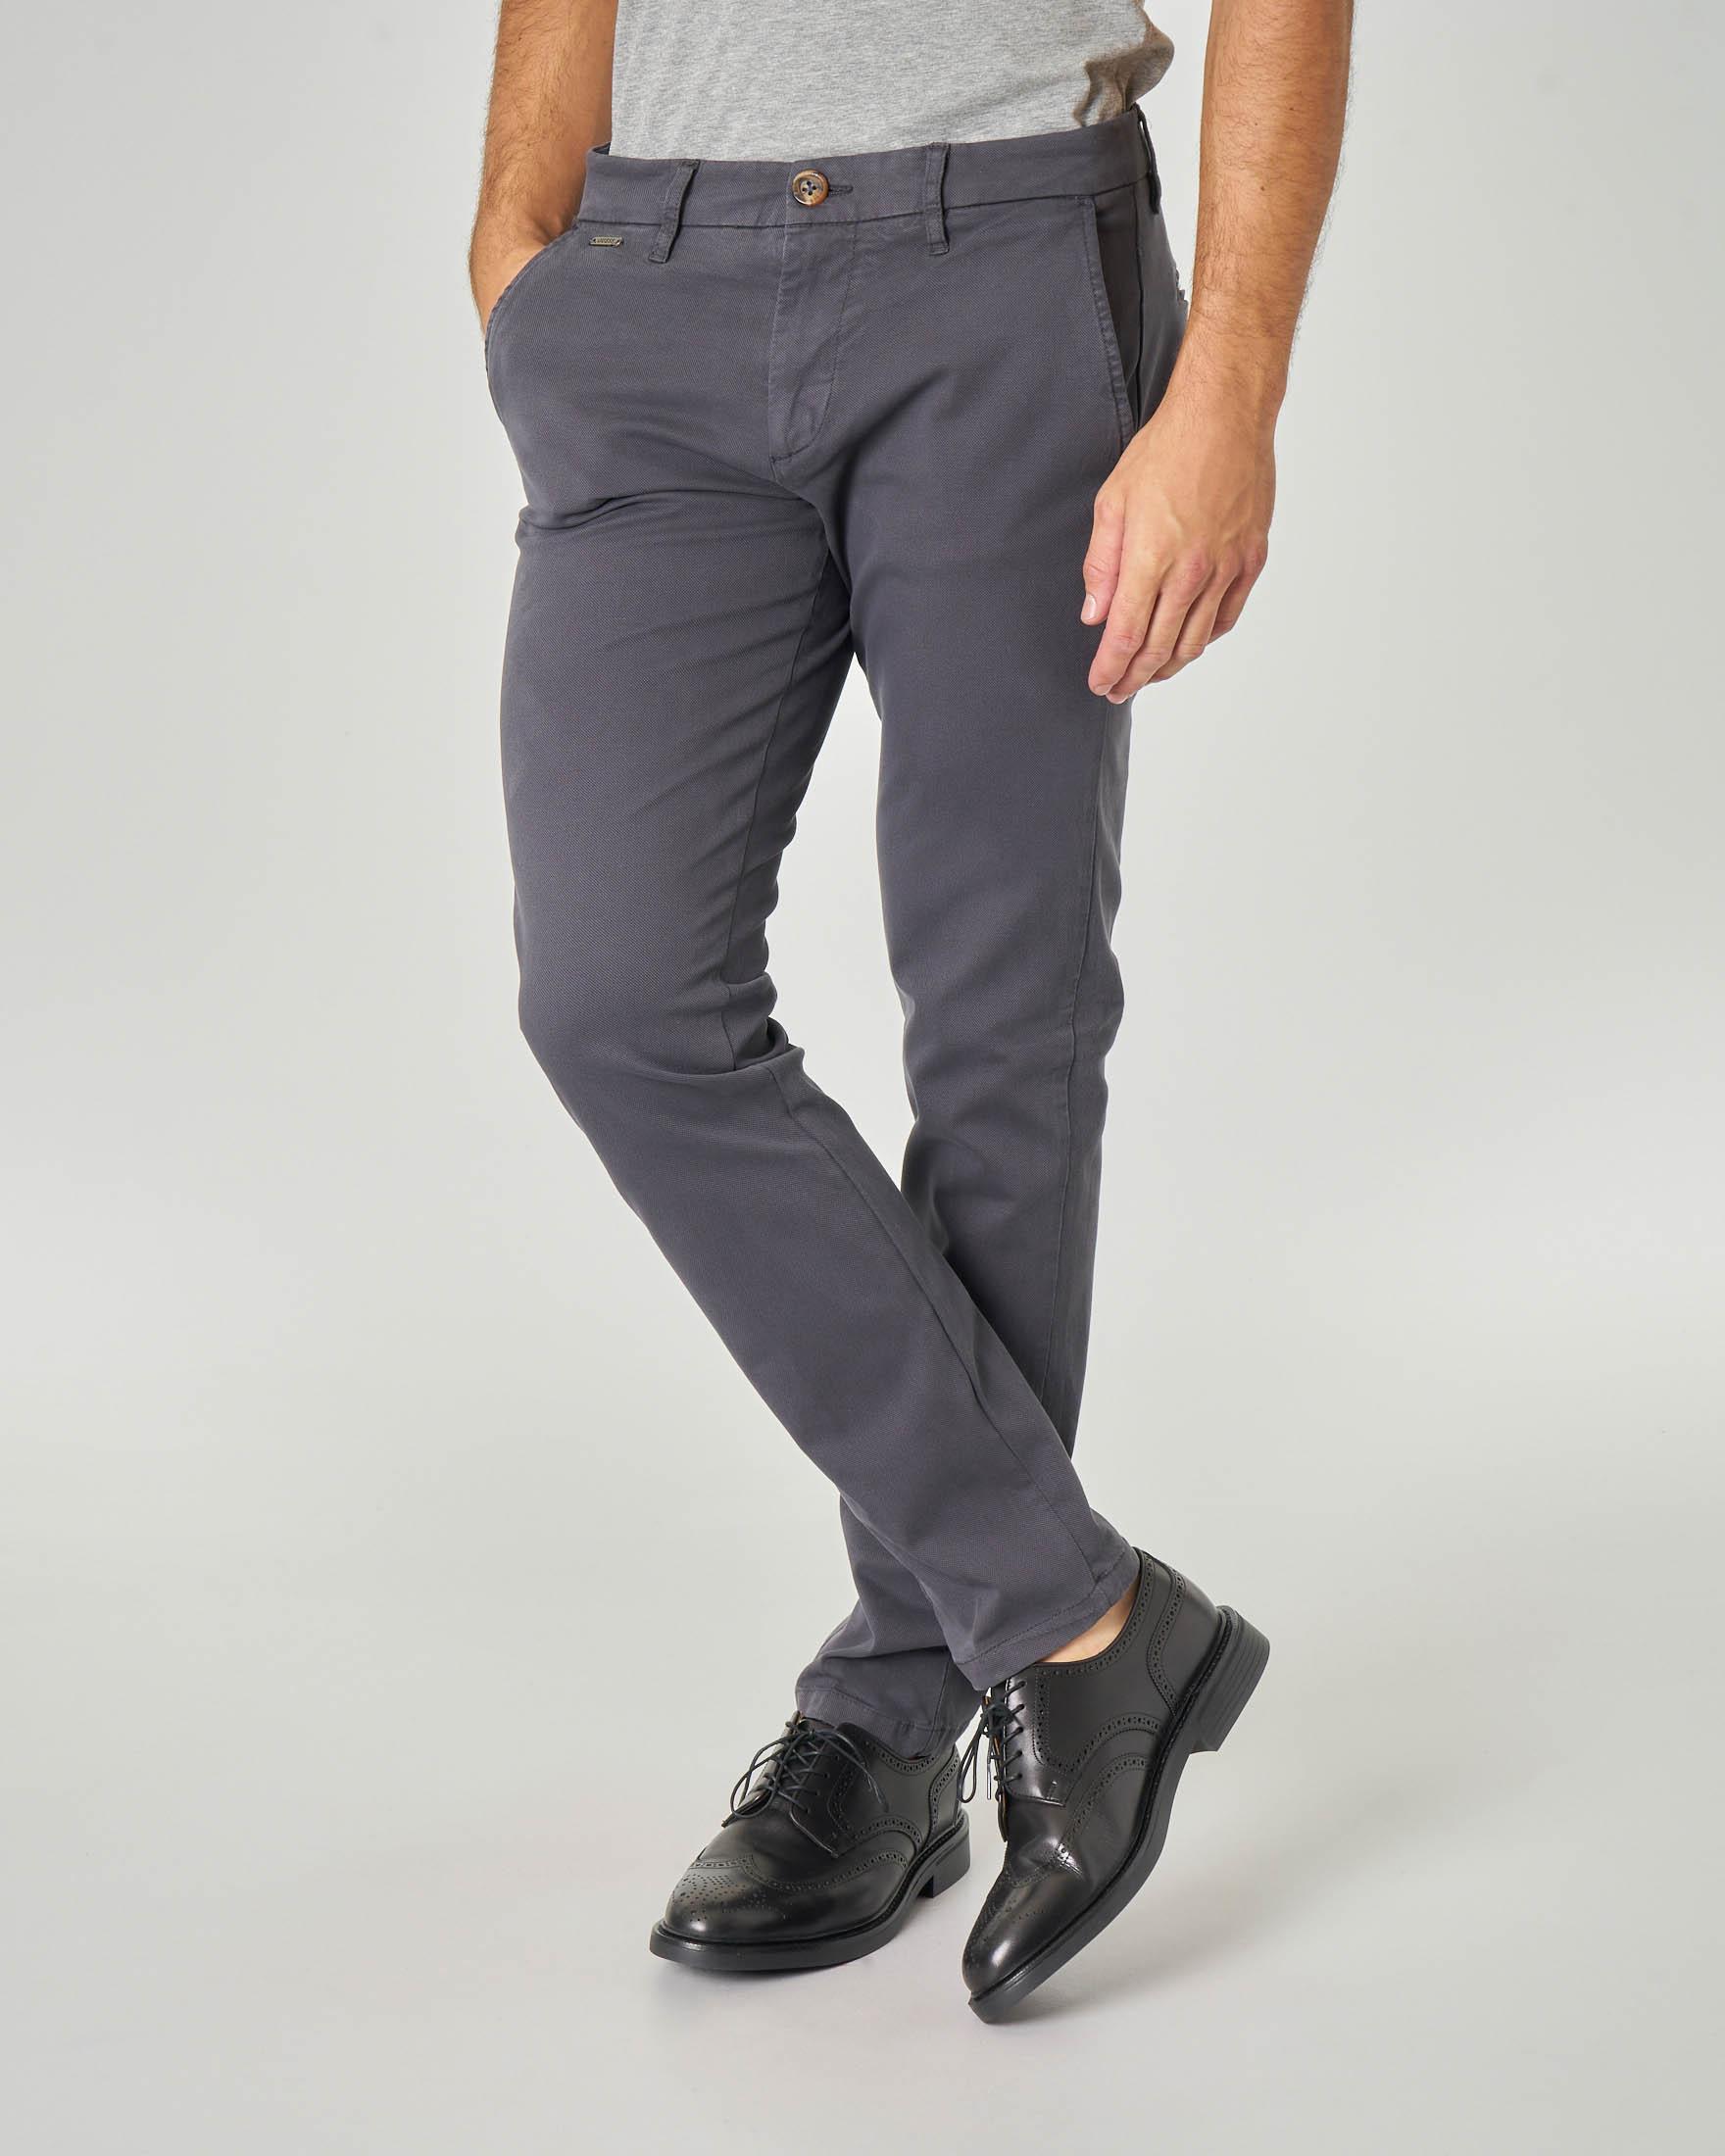 Pantalone chino grigio in tessuto micro-armatura